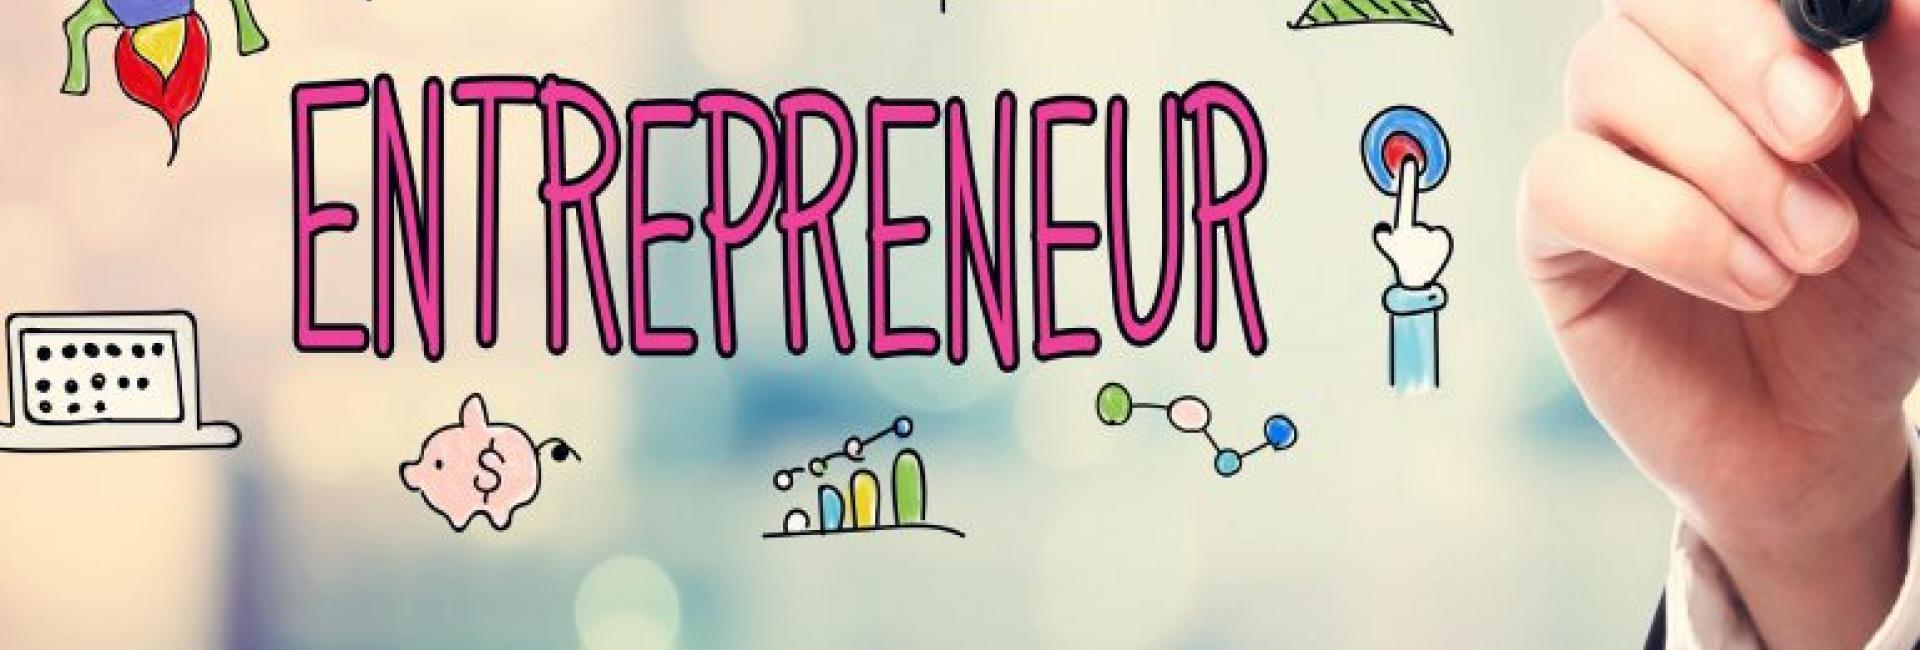 Motivational ideas for all entrepreneurs